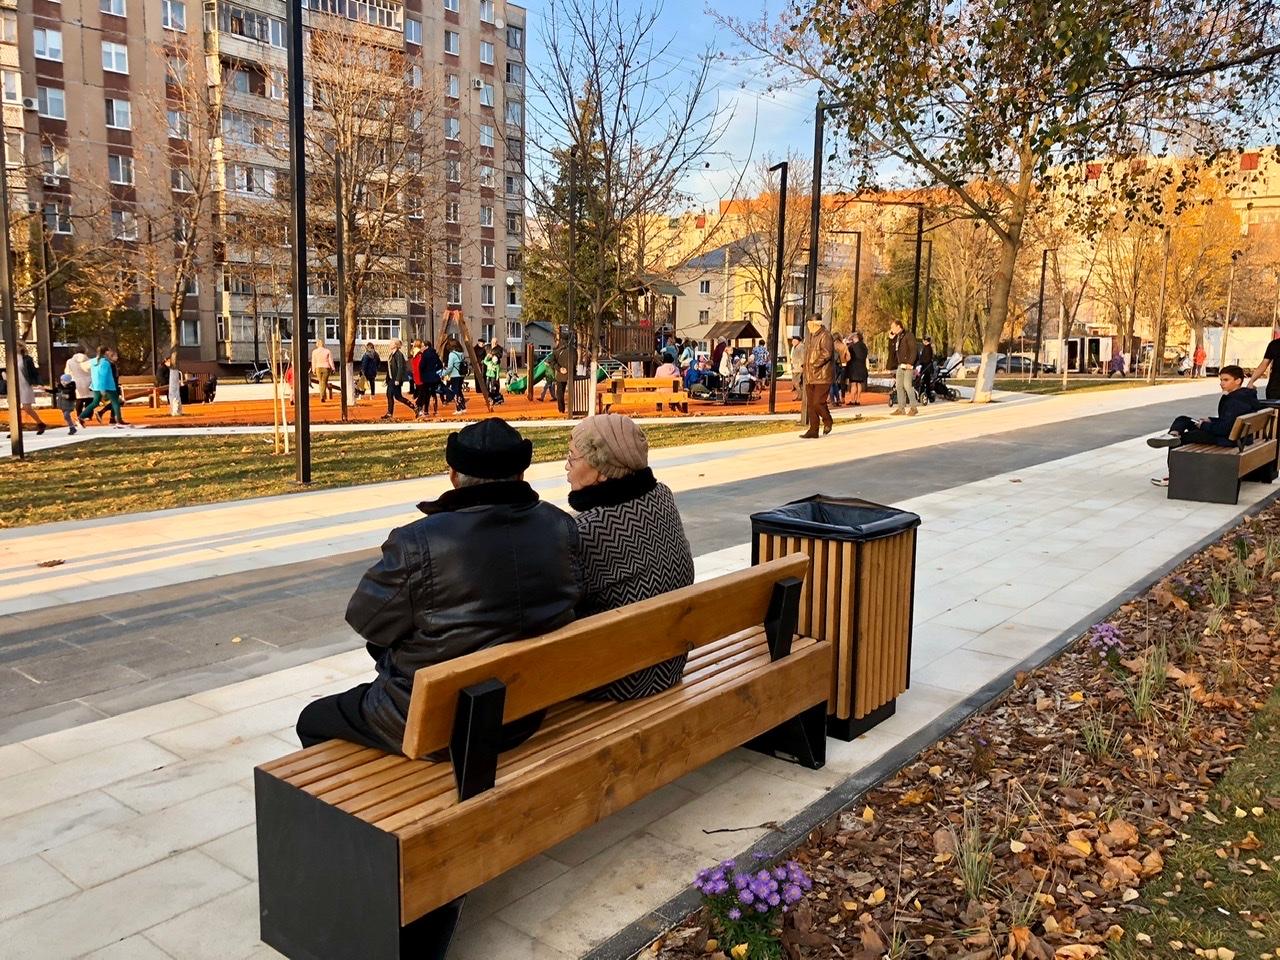 пенсионеры, парк, сквер, лавочка, люди, осень